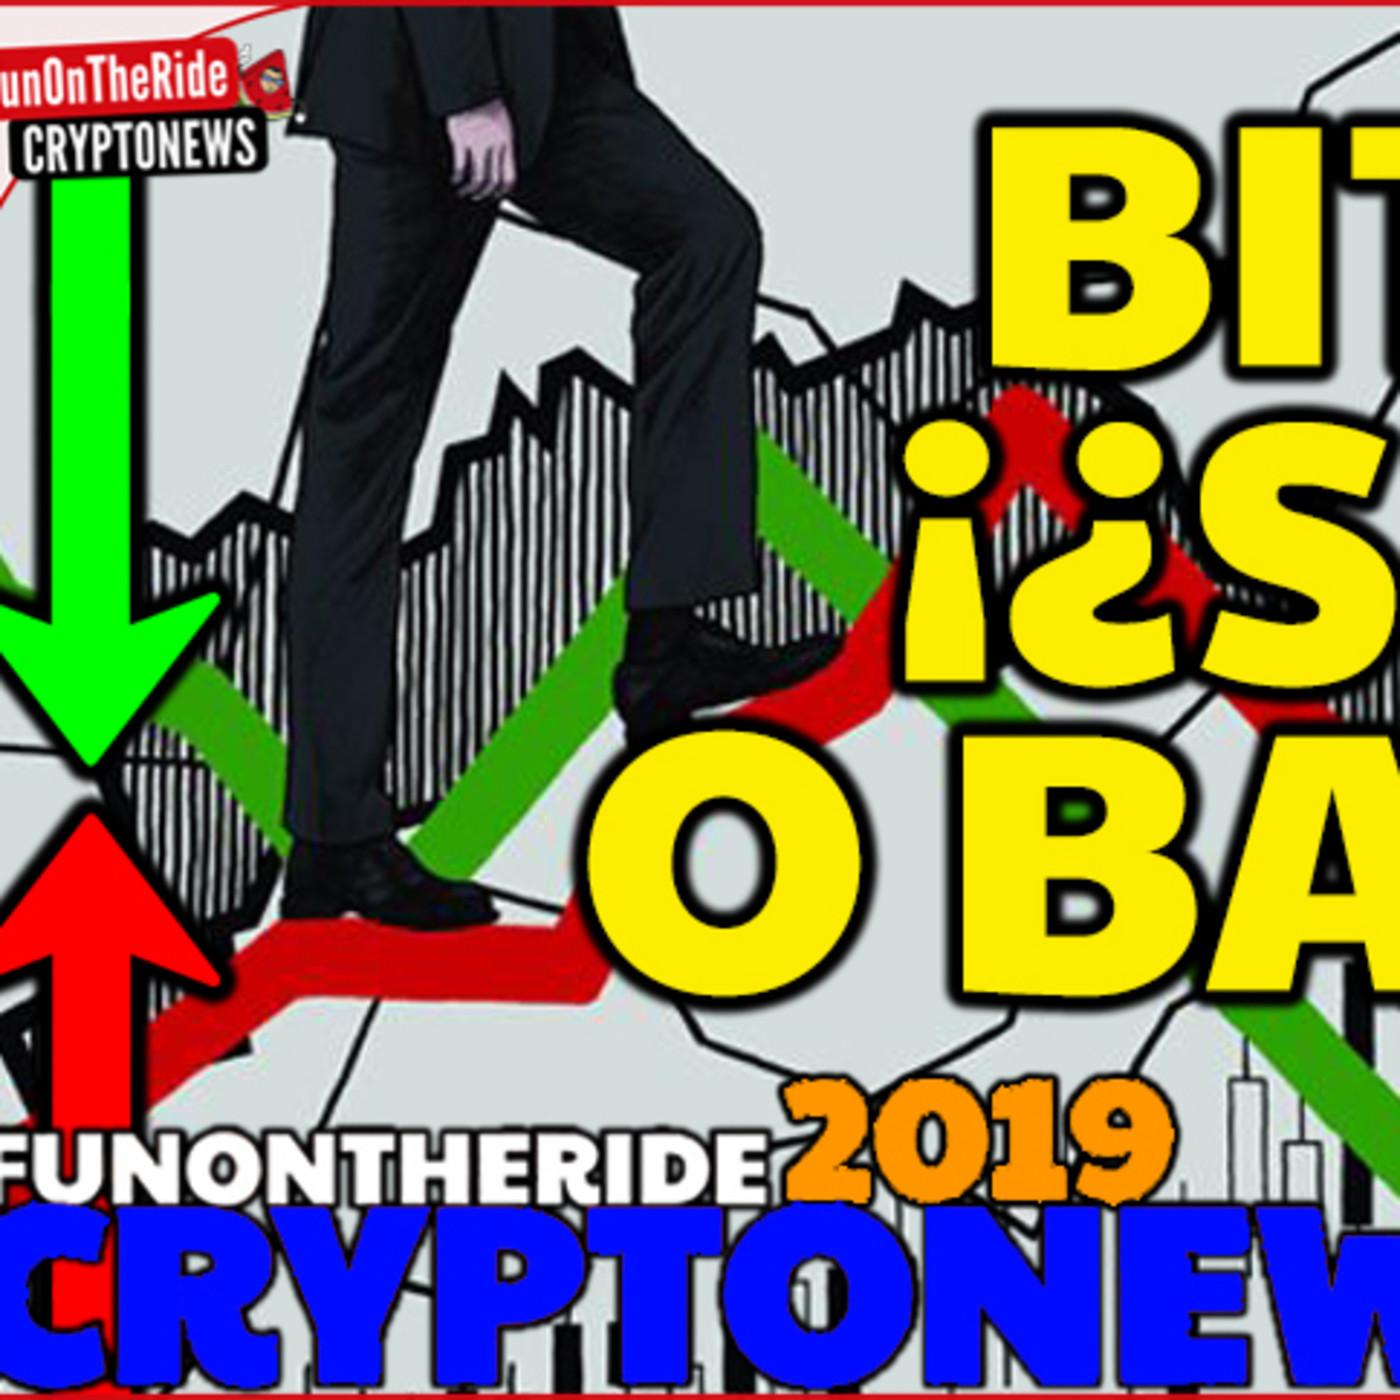 Bitcoin Análisis! subes o bajas Cryptonews 2019 en FunOnTheRide en